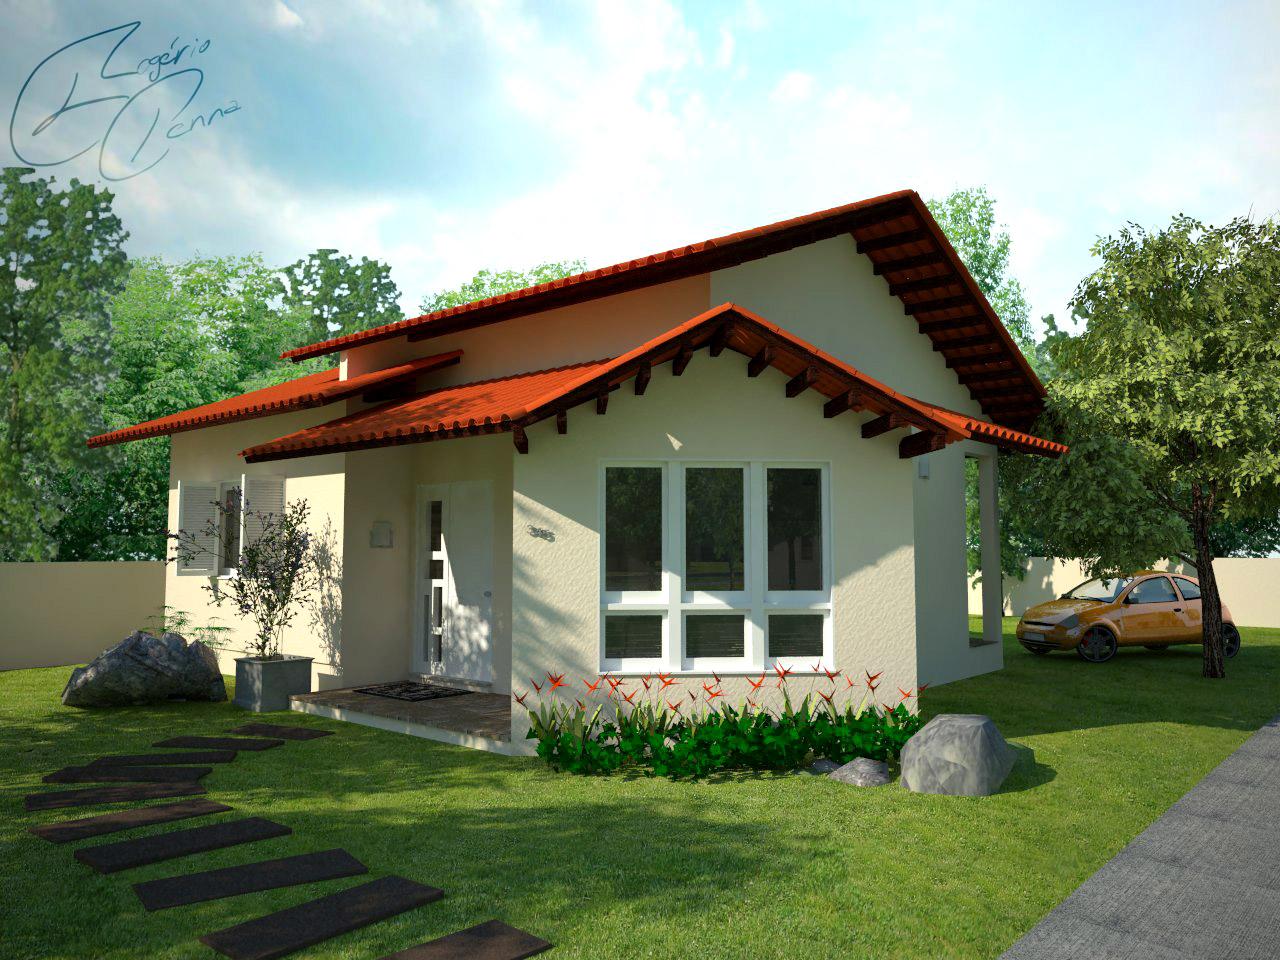 Ver fotos de casas bonitas escoja y vote por sus fotos de for Fotos de casas modernas con jardin